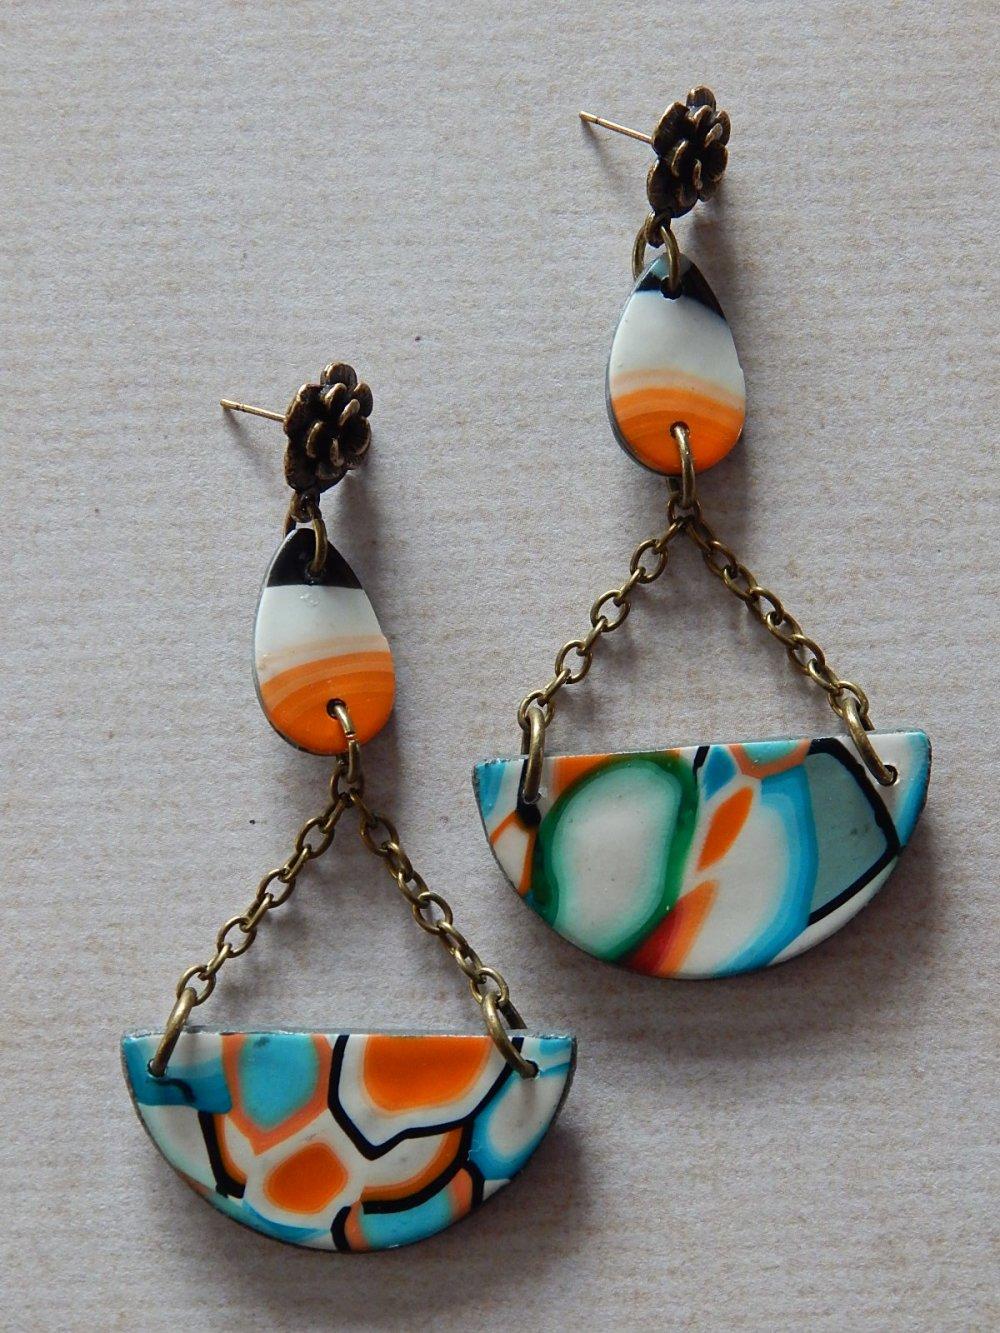 Boucles d' oreille pendantes multicolores.